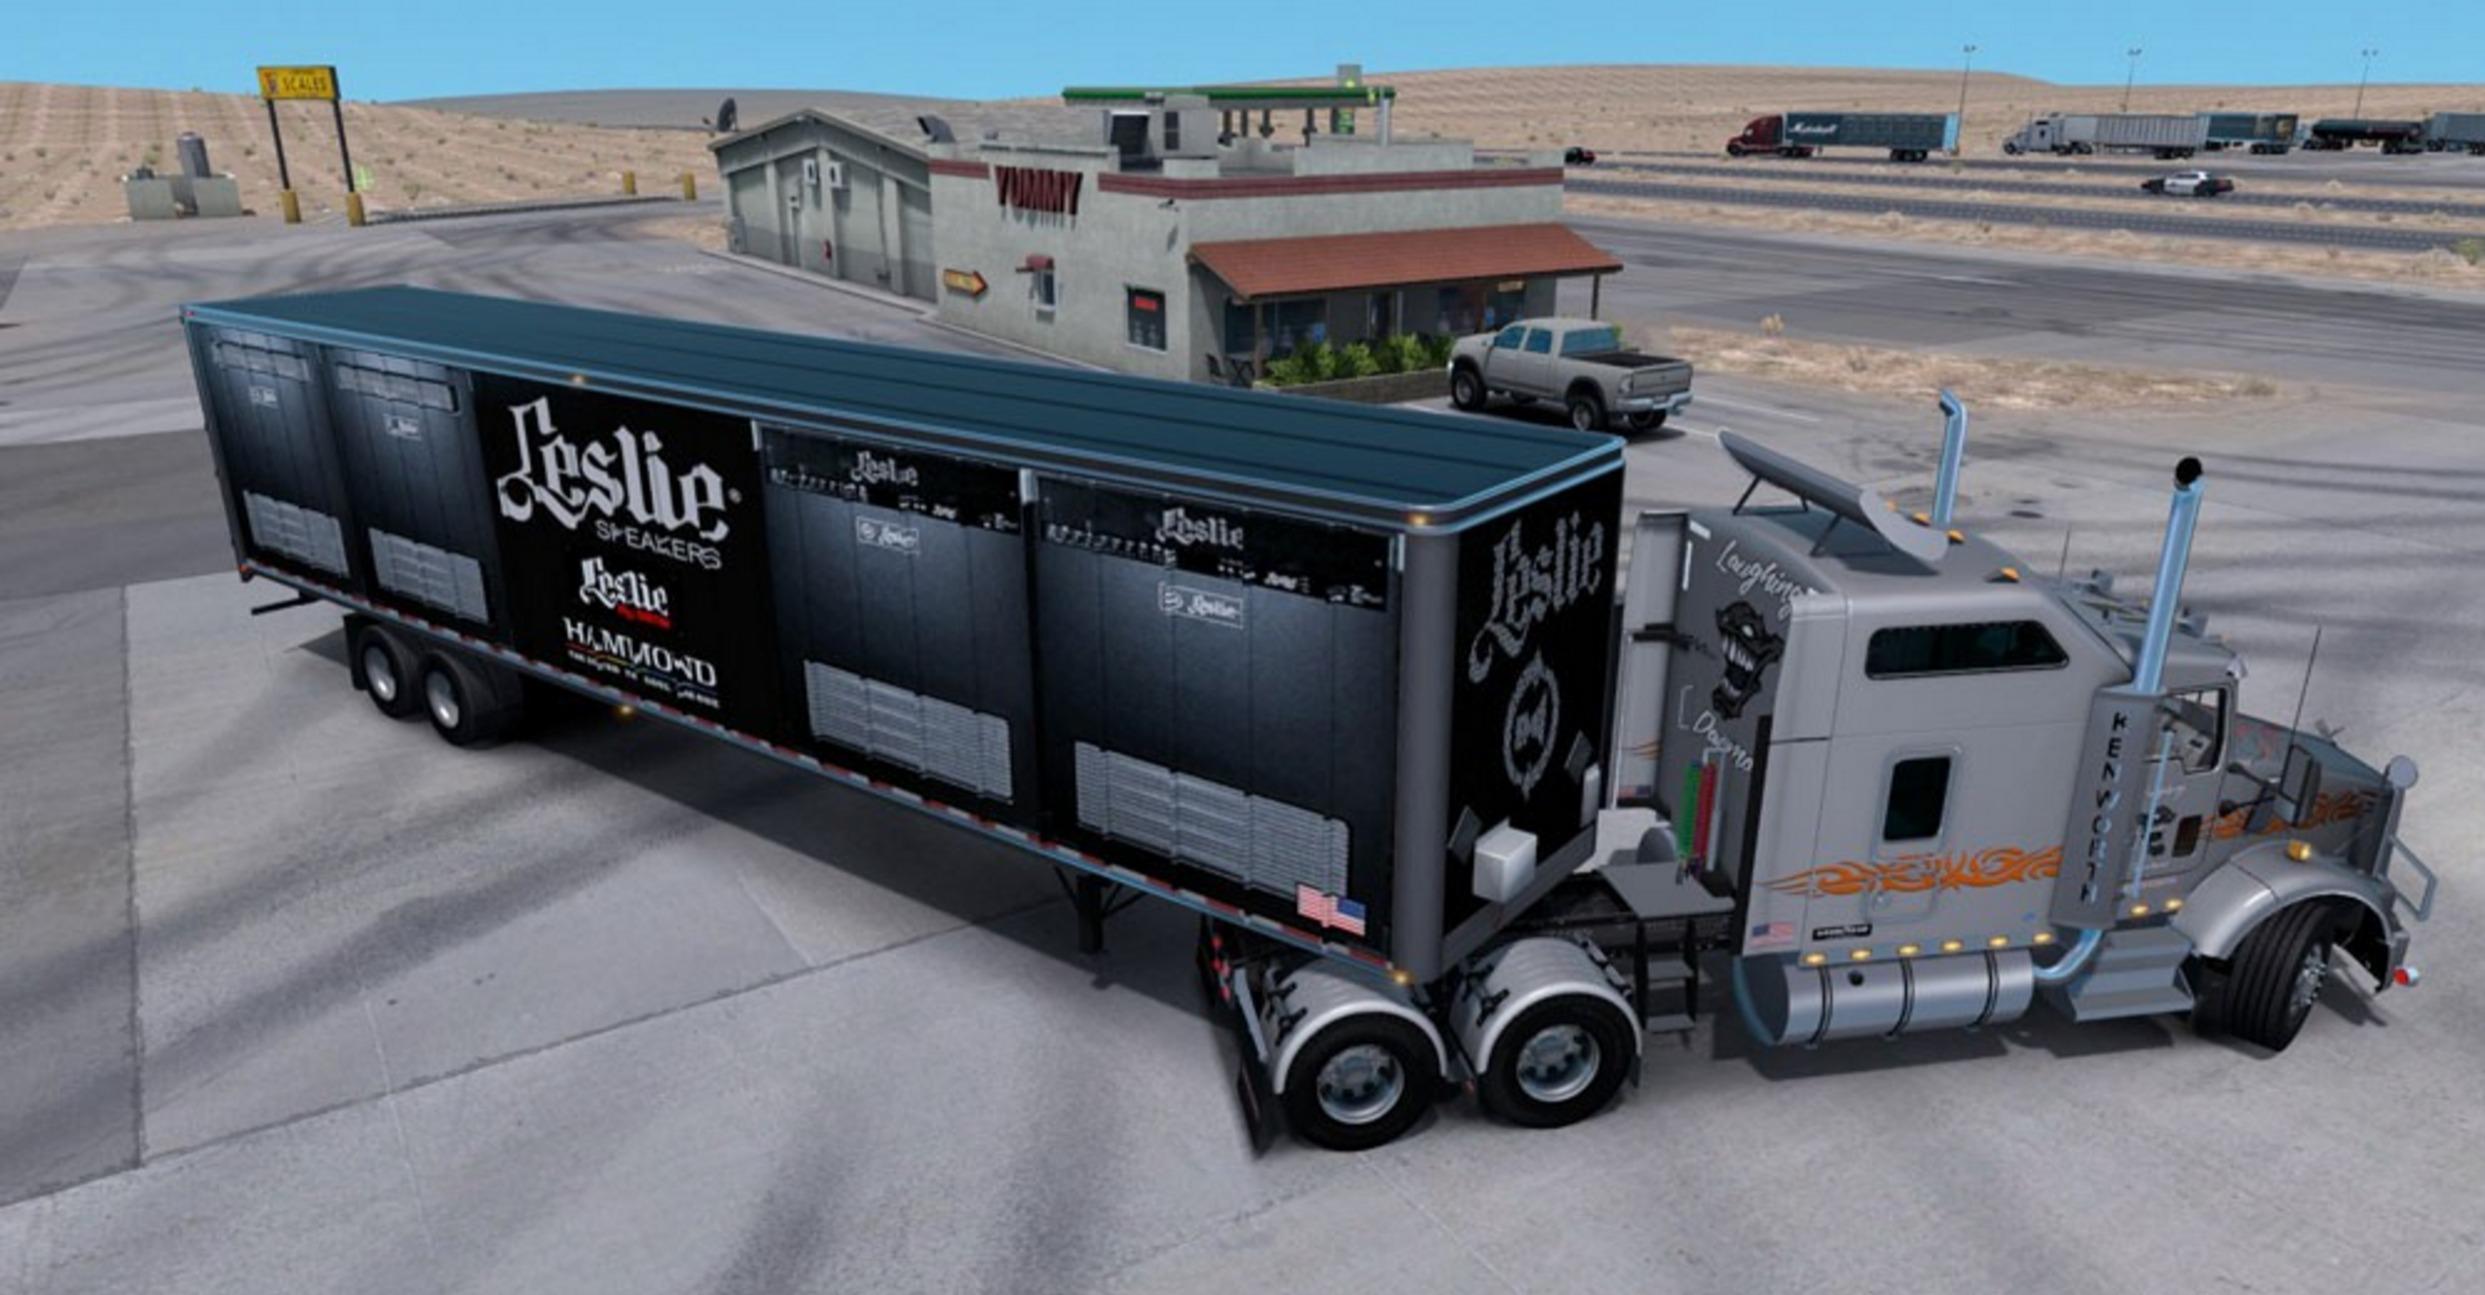 leslie speakers mod mod euro truck simulator 2 mods. Black Bedroom Furniture Sets. Home Design Ideas